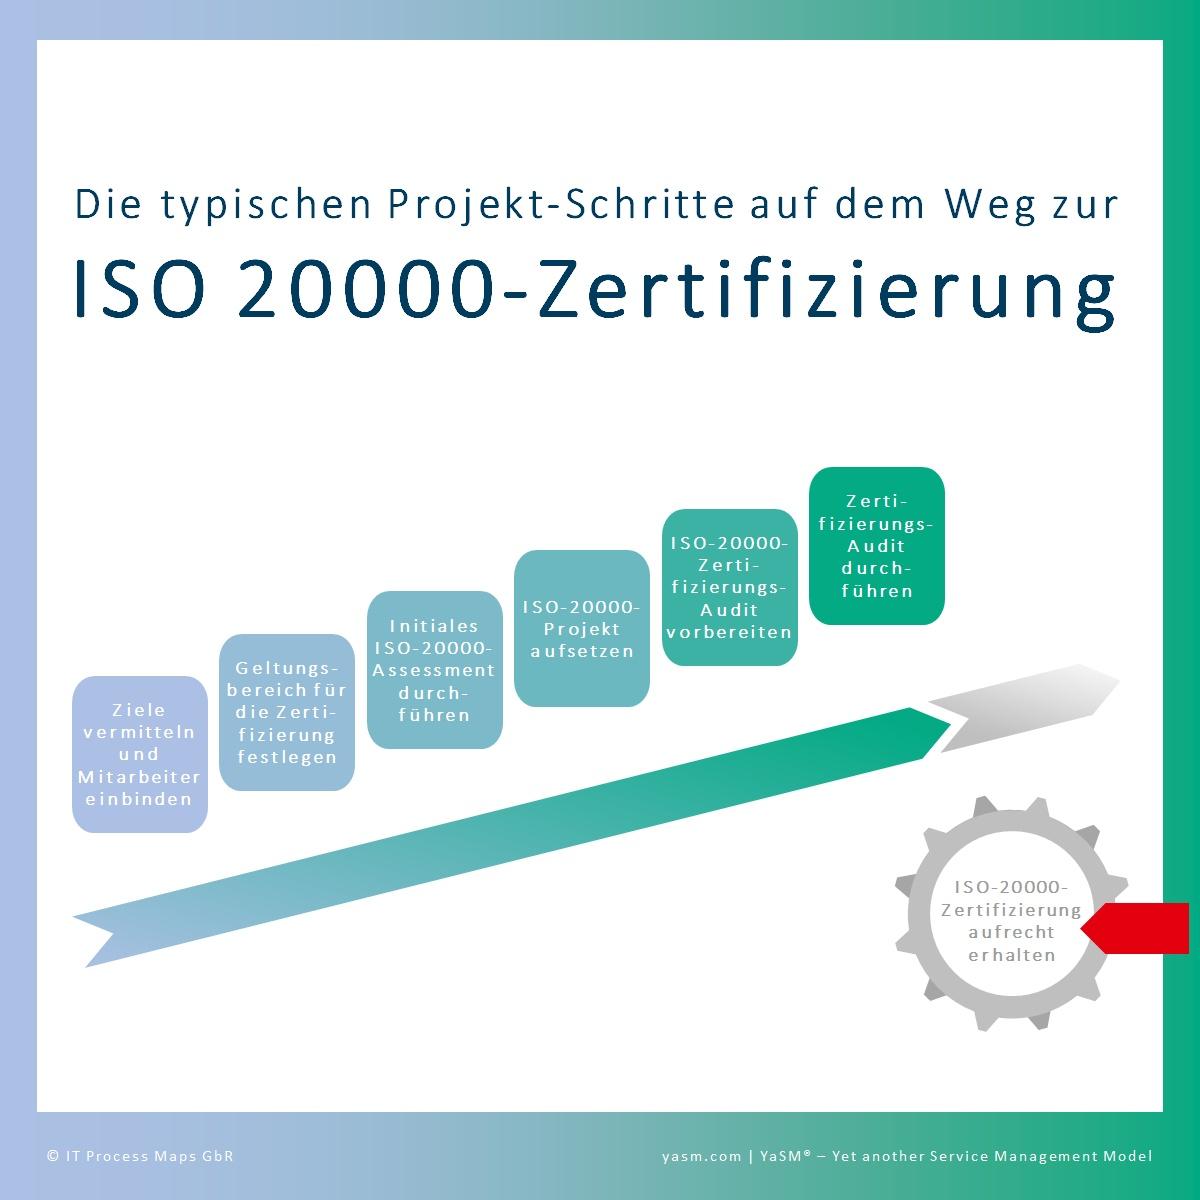 FAQ: ISO 20000-Zertifizierung – YaSM Wiki